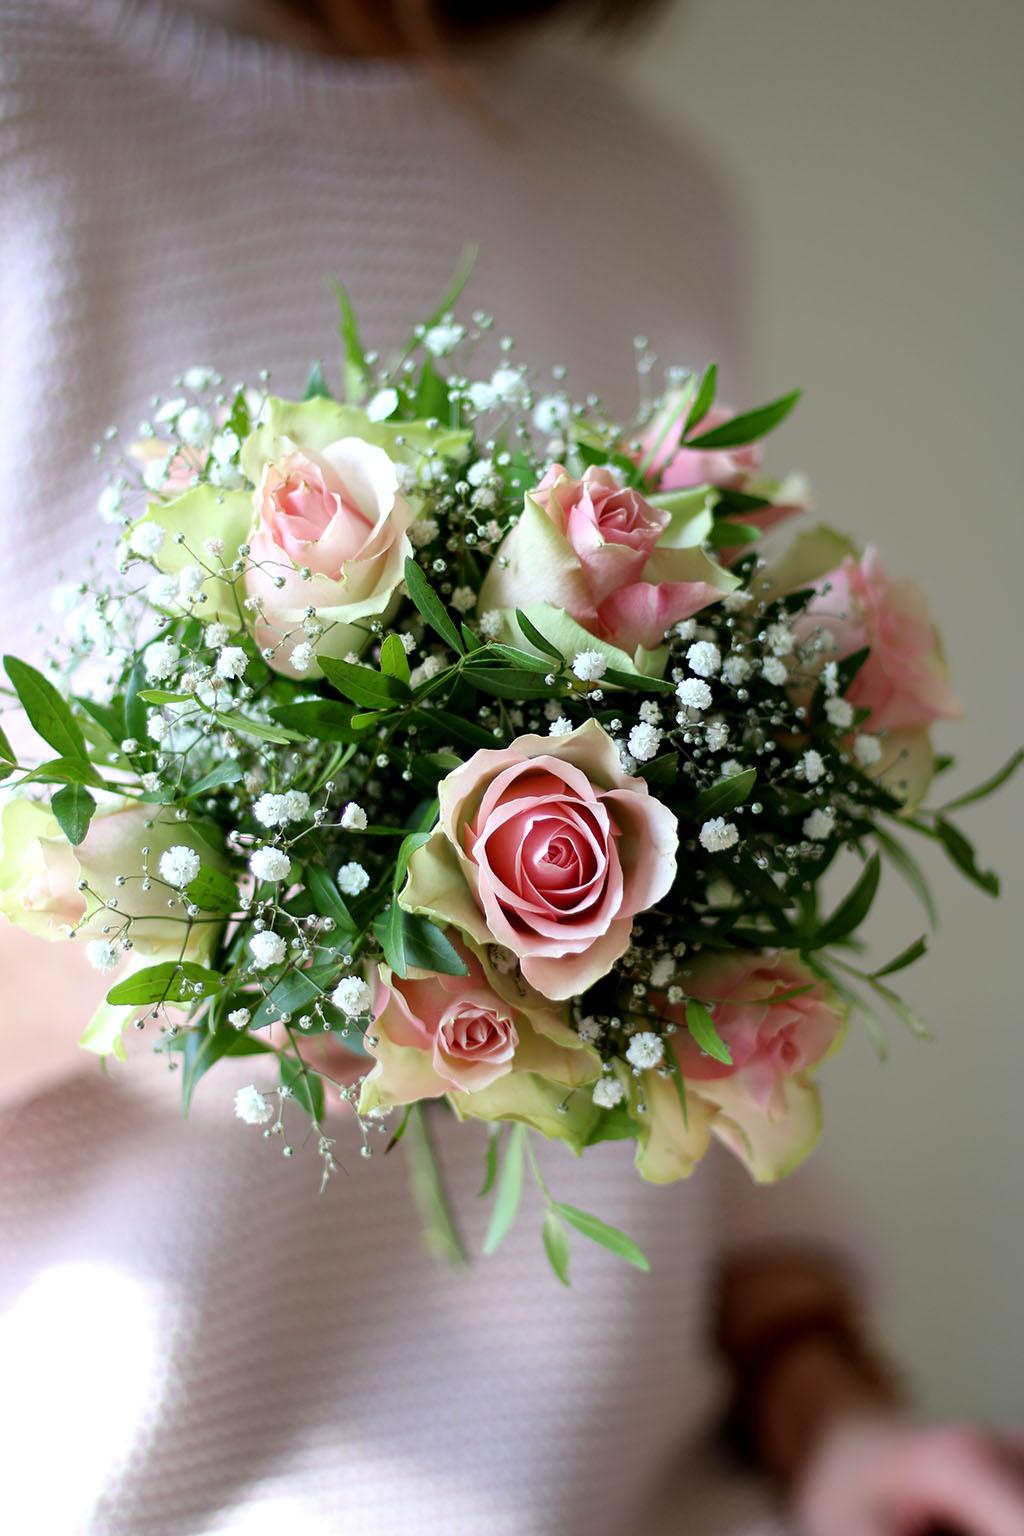 mes envies de printemps le petit monde d'elodie flower power